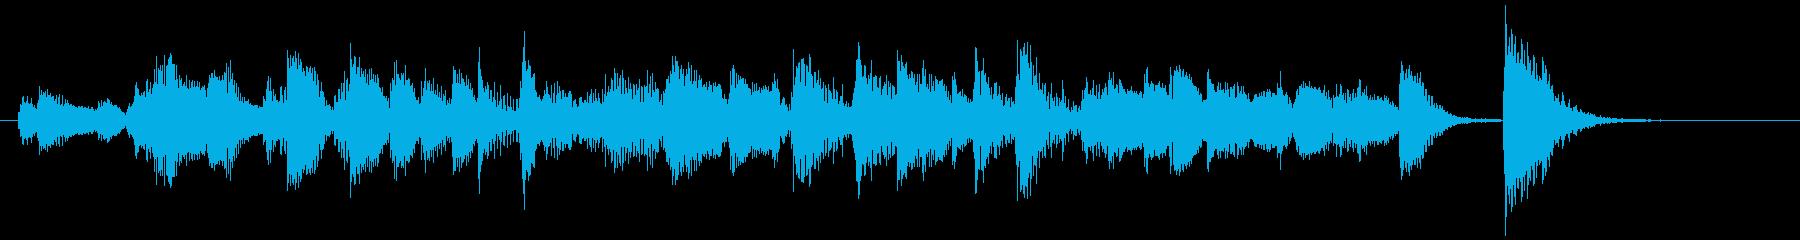 アダルトな雰囲気のジャズピアノのジングルの再生済みの波形